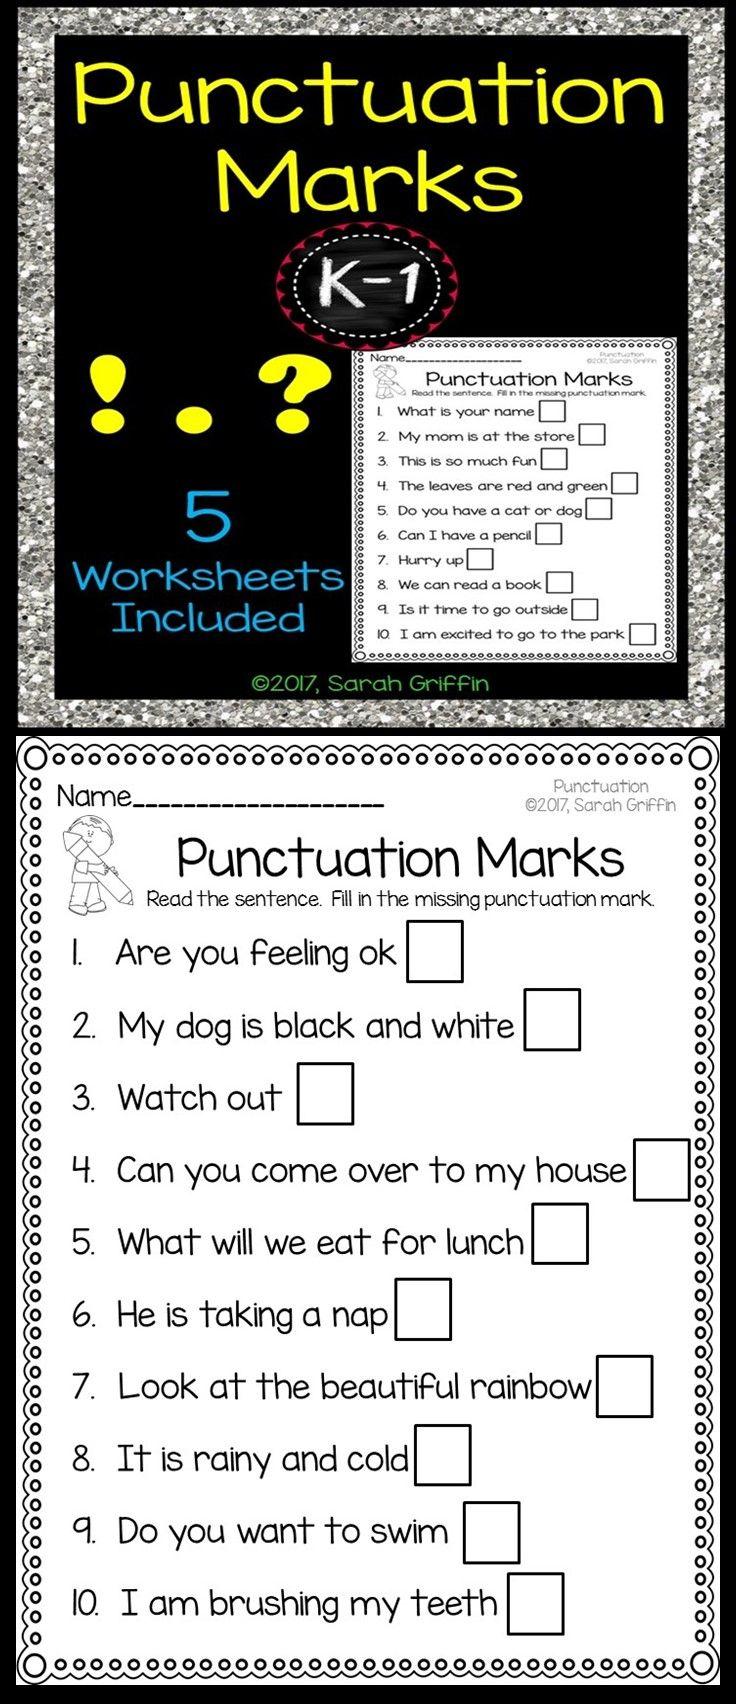 worksheet Punctuation Marks Worksheets punctuation marks worksheets exclamation mark and worksheets